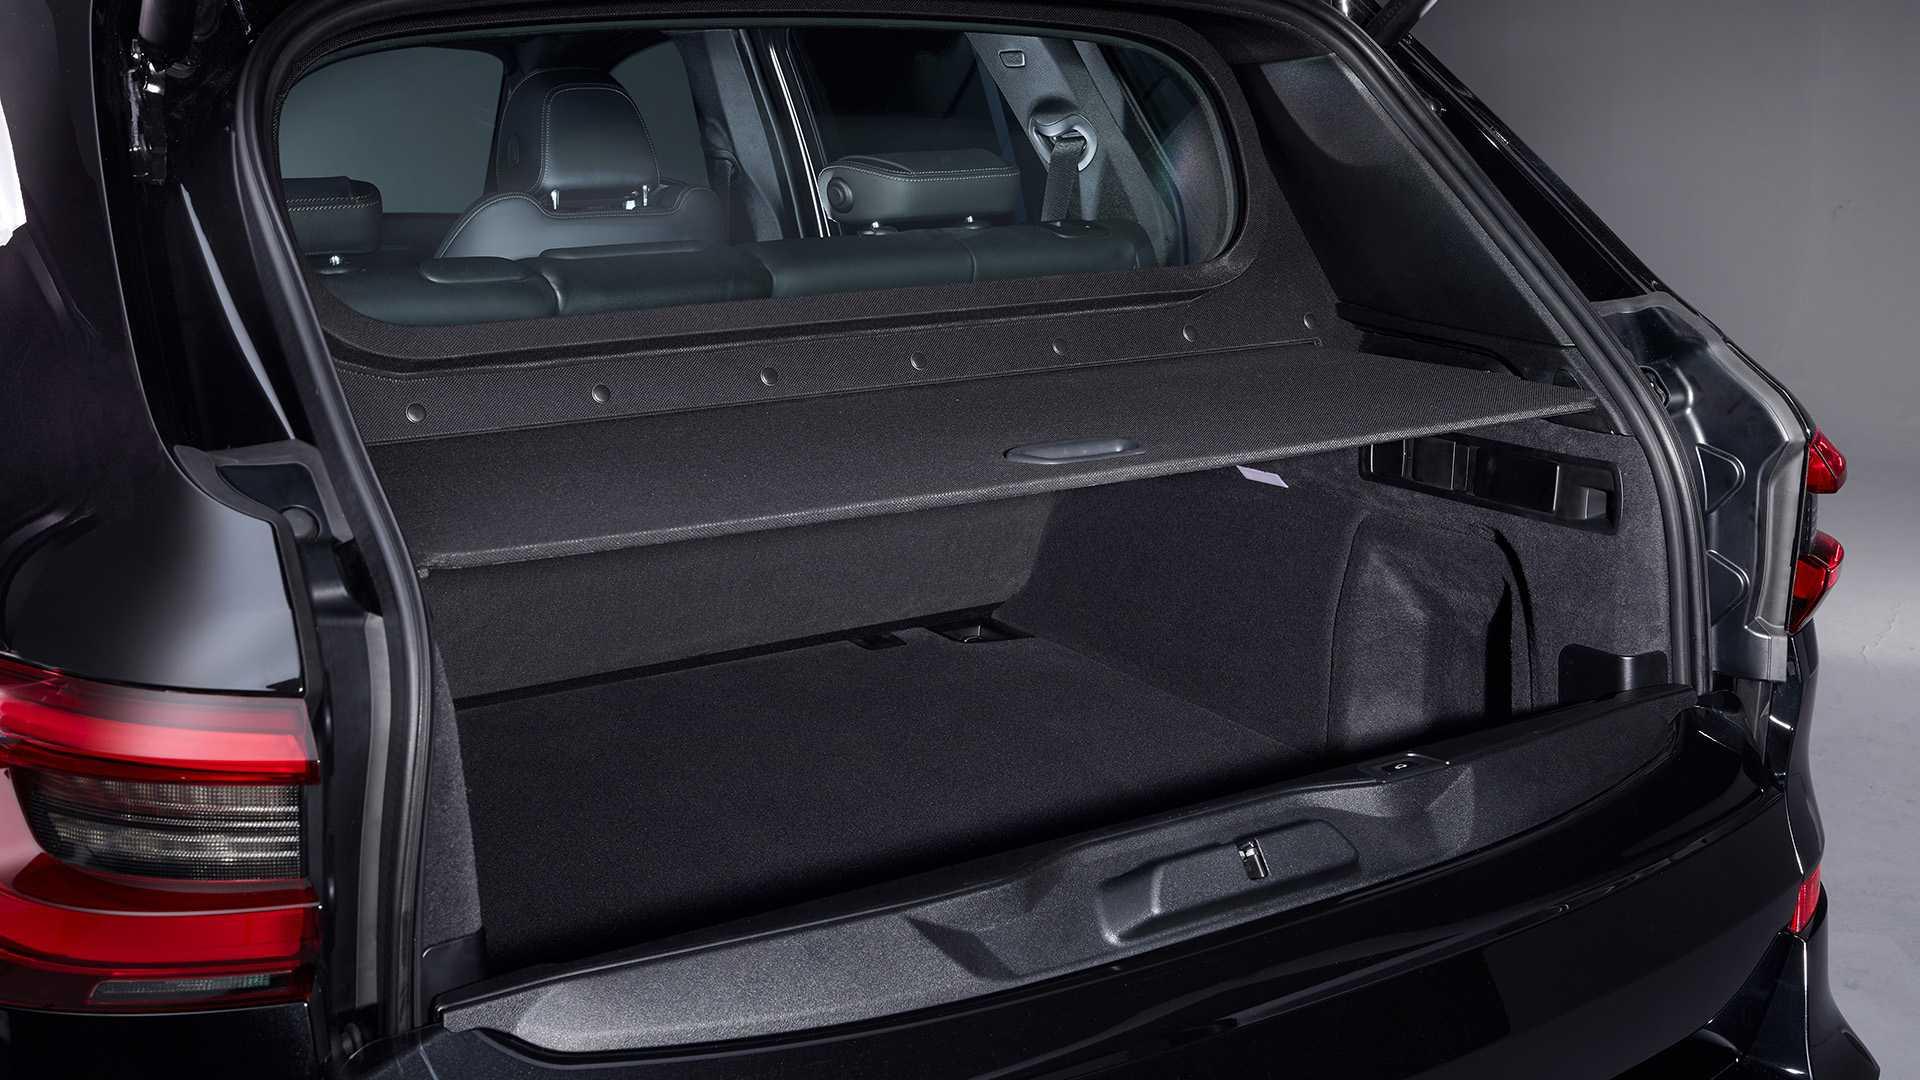 Cốp sau xe BMW Protection VR6 lắp thêm kính chống đạn